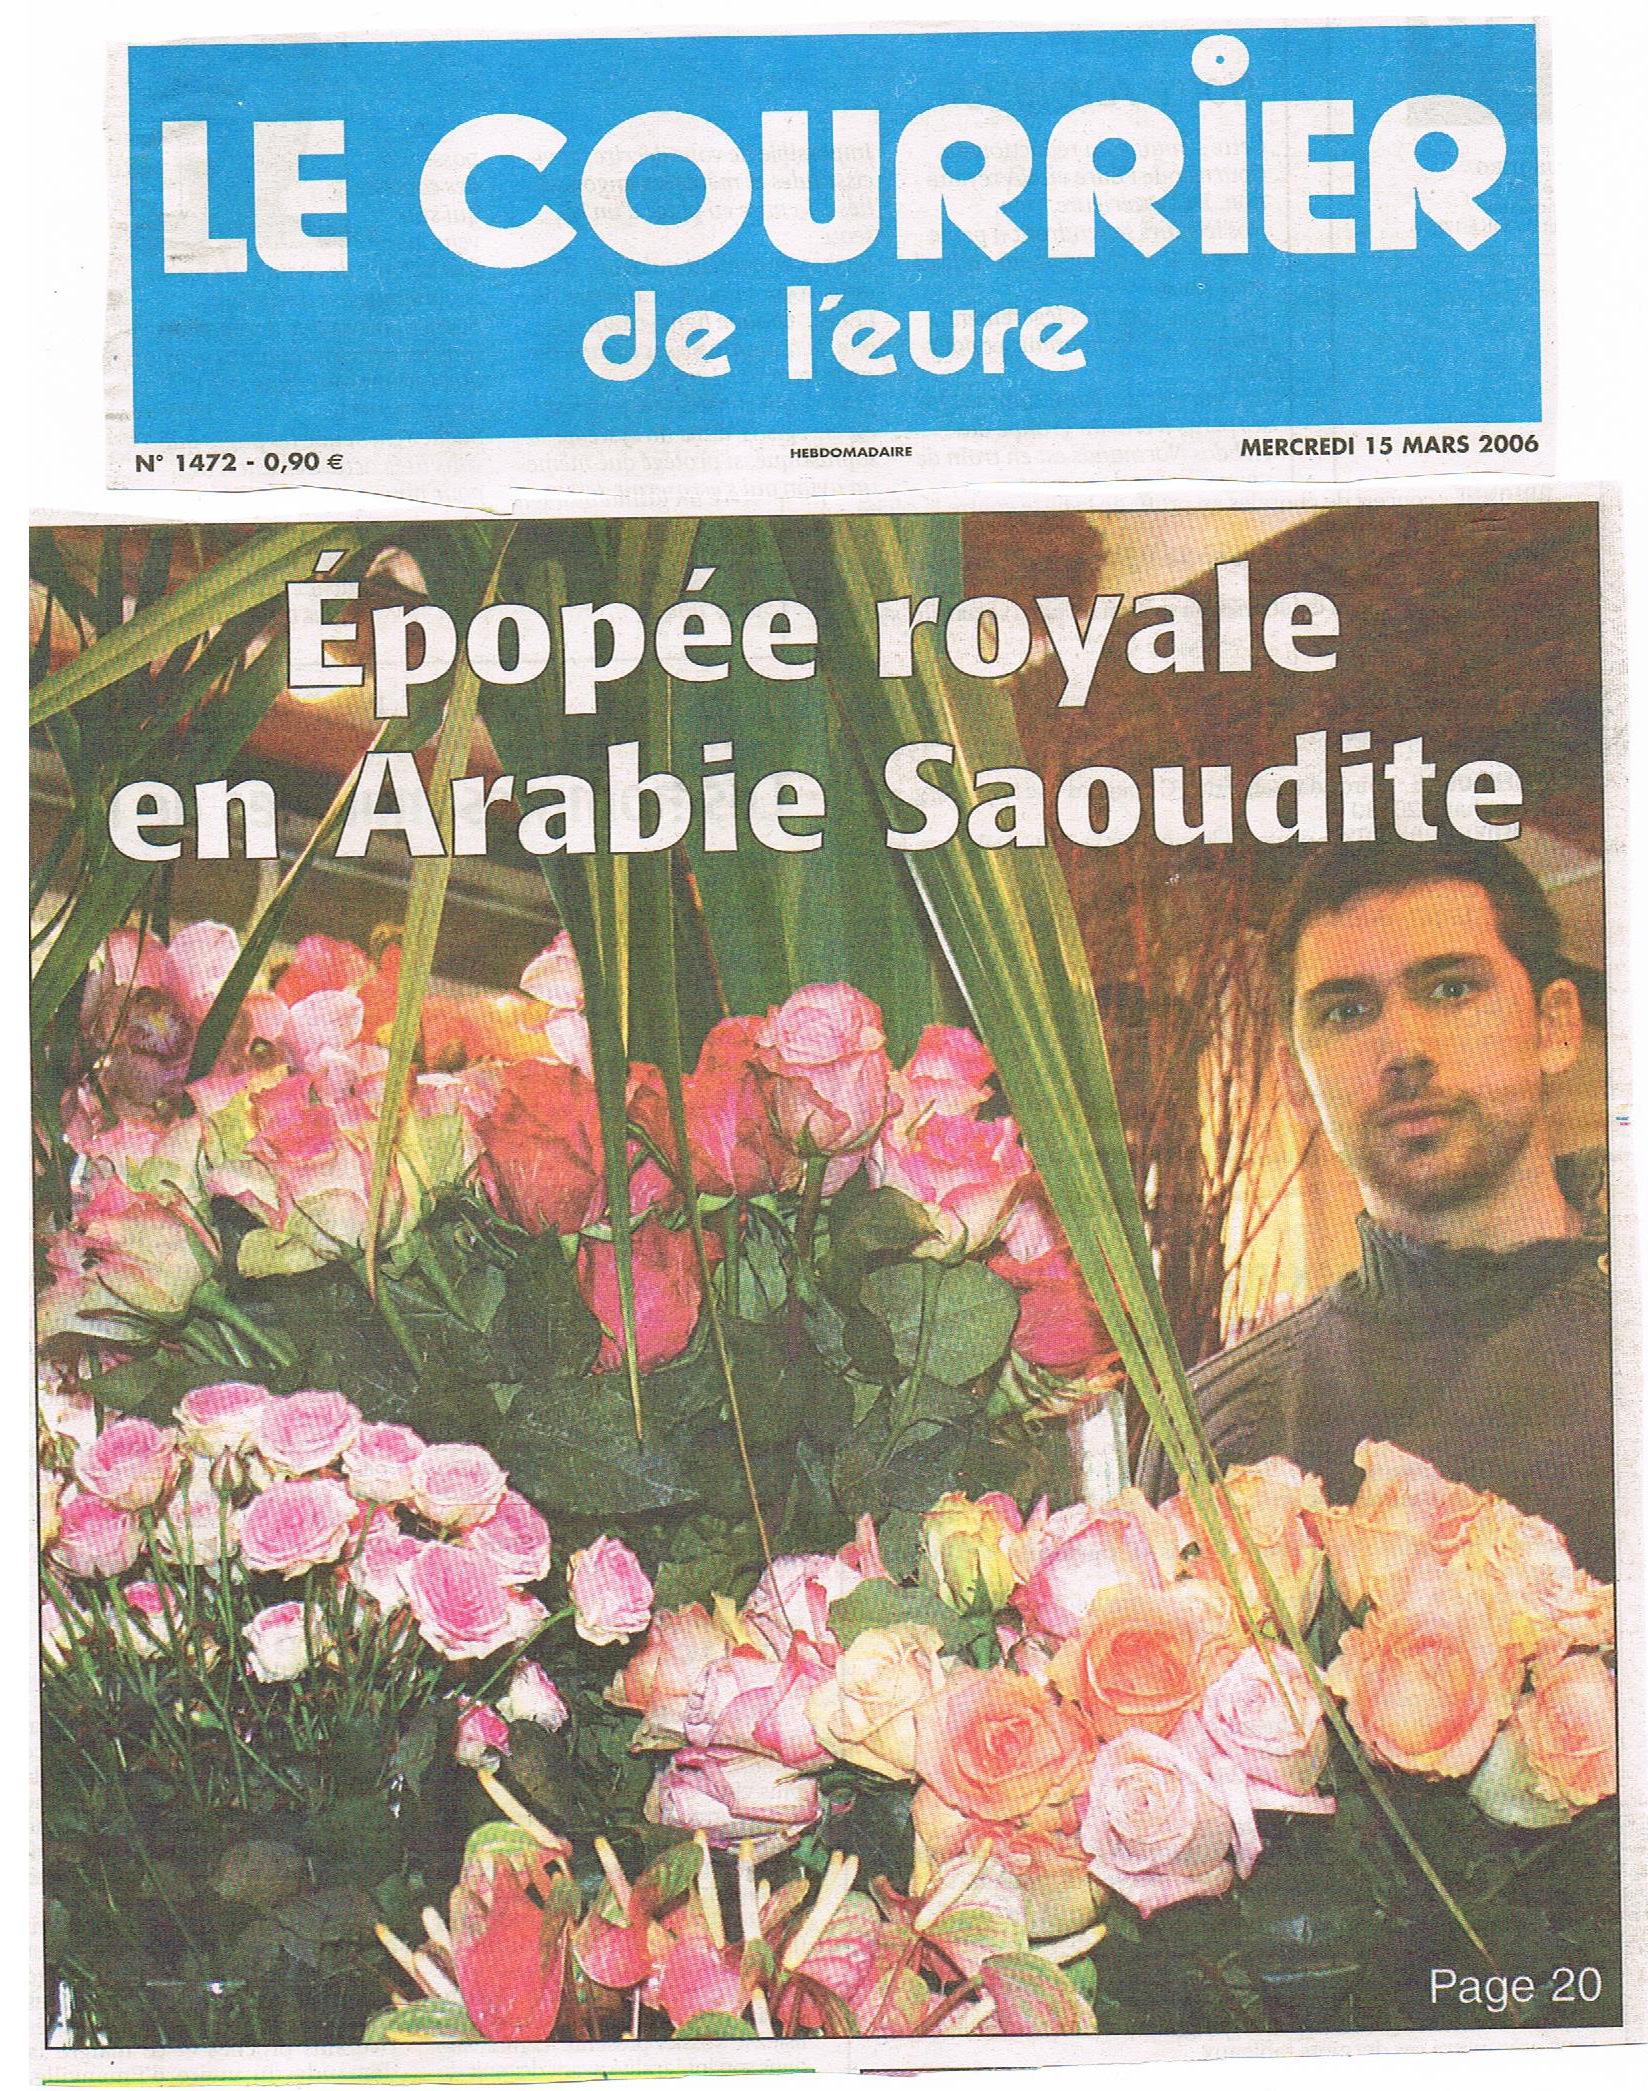 Épopée royale en Arabie Saoudite